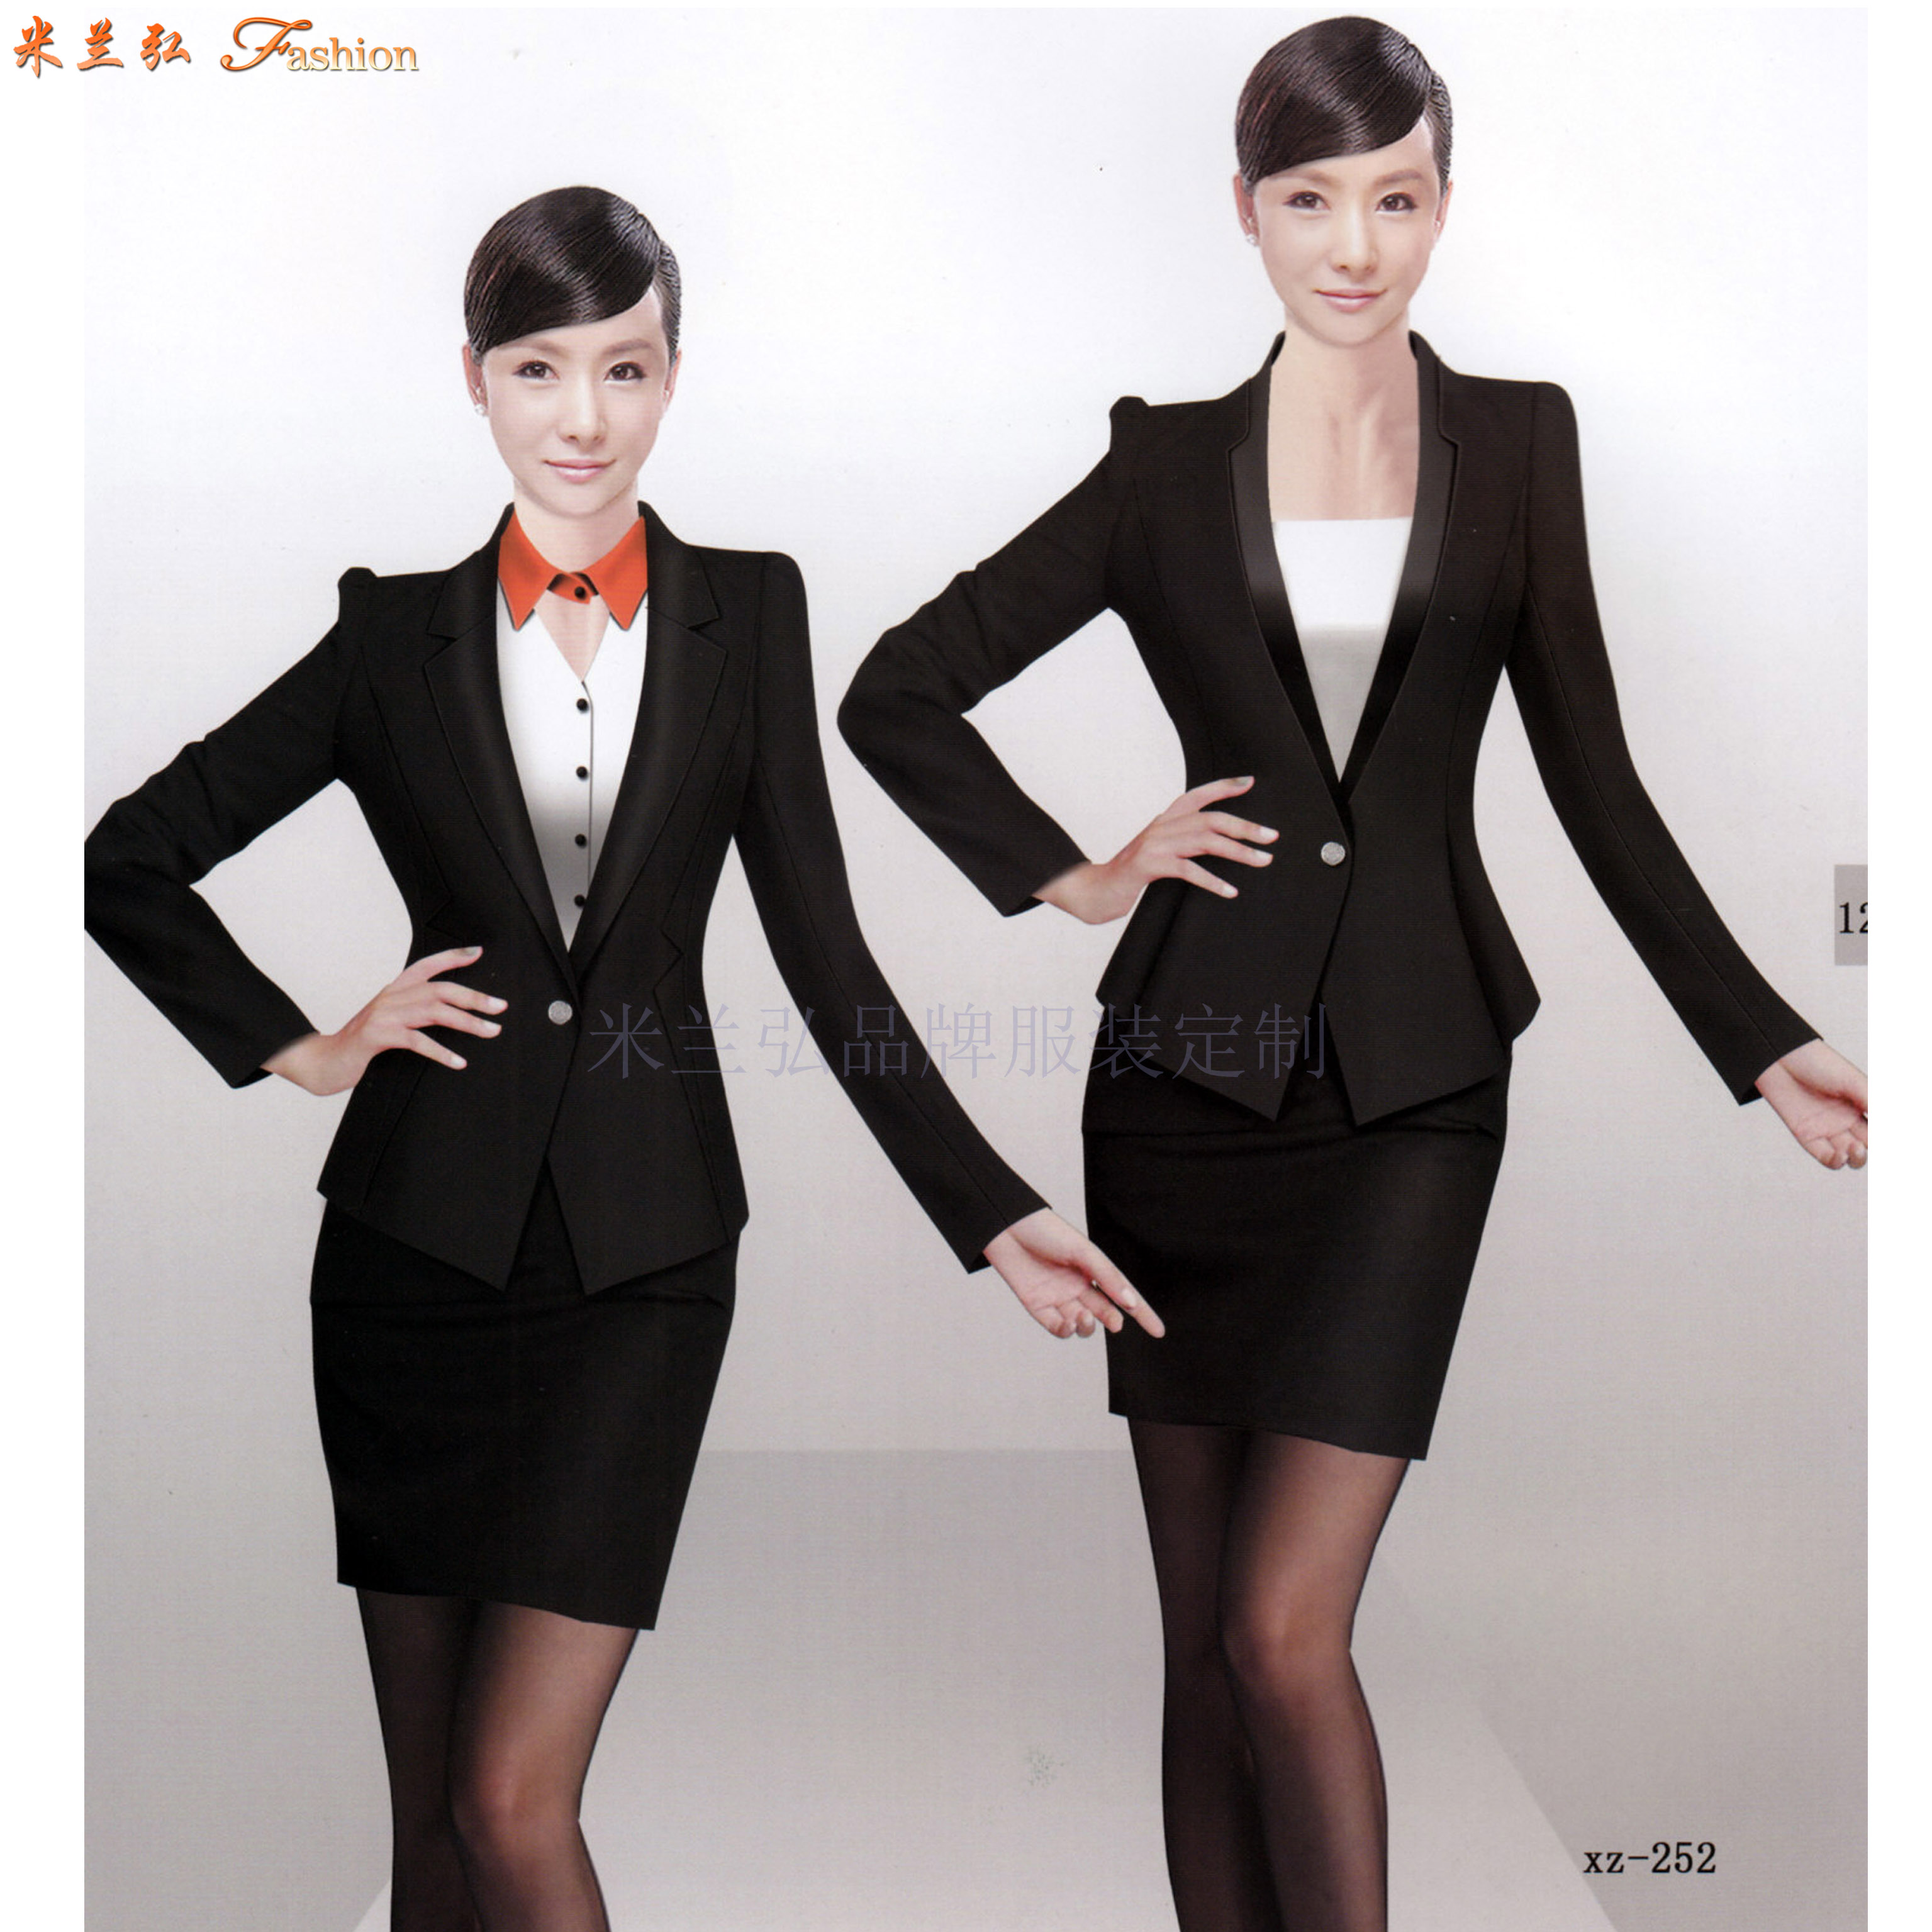 教師職業裝新款女裝圖片-院校員工職業裝-米蘭弘服裝-3